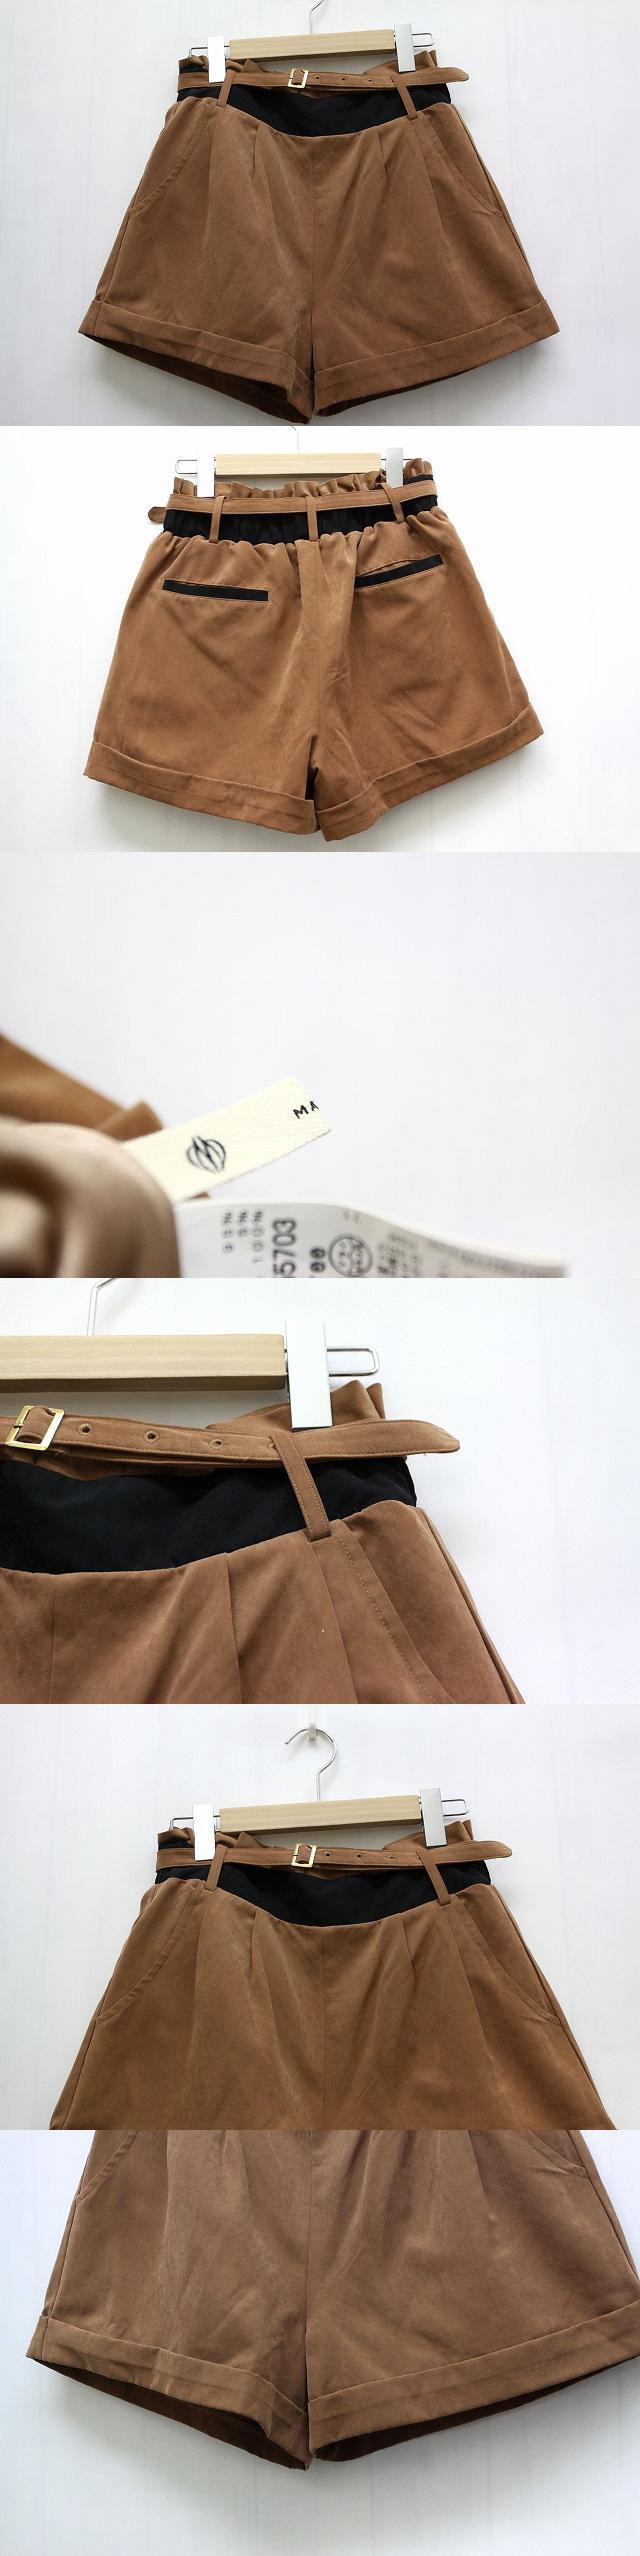 キュロット スカート ショートパンツ ミニ ベルト ウエストゴム F ブラウン 茶 /BT11